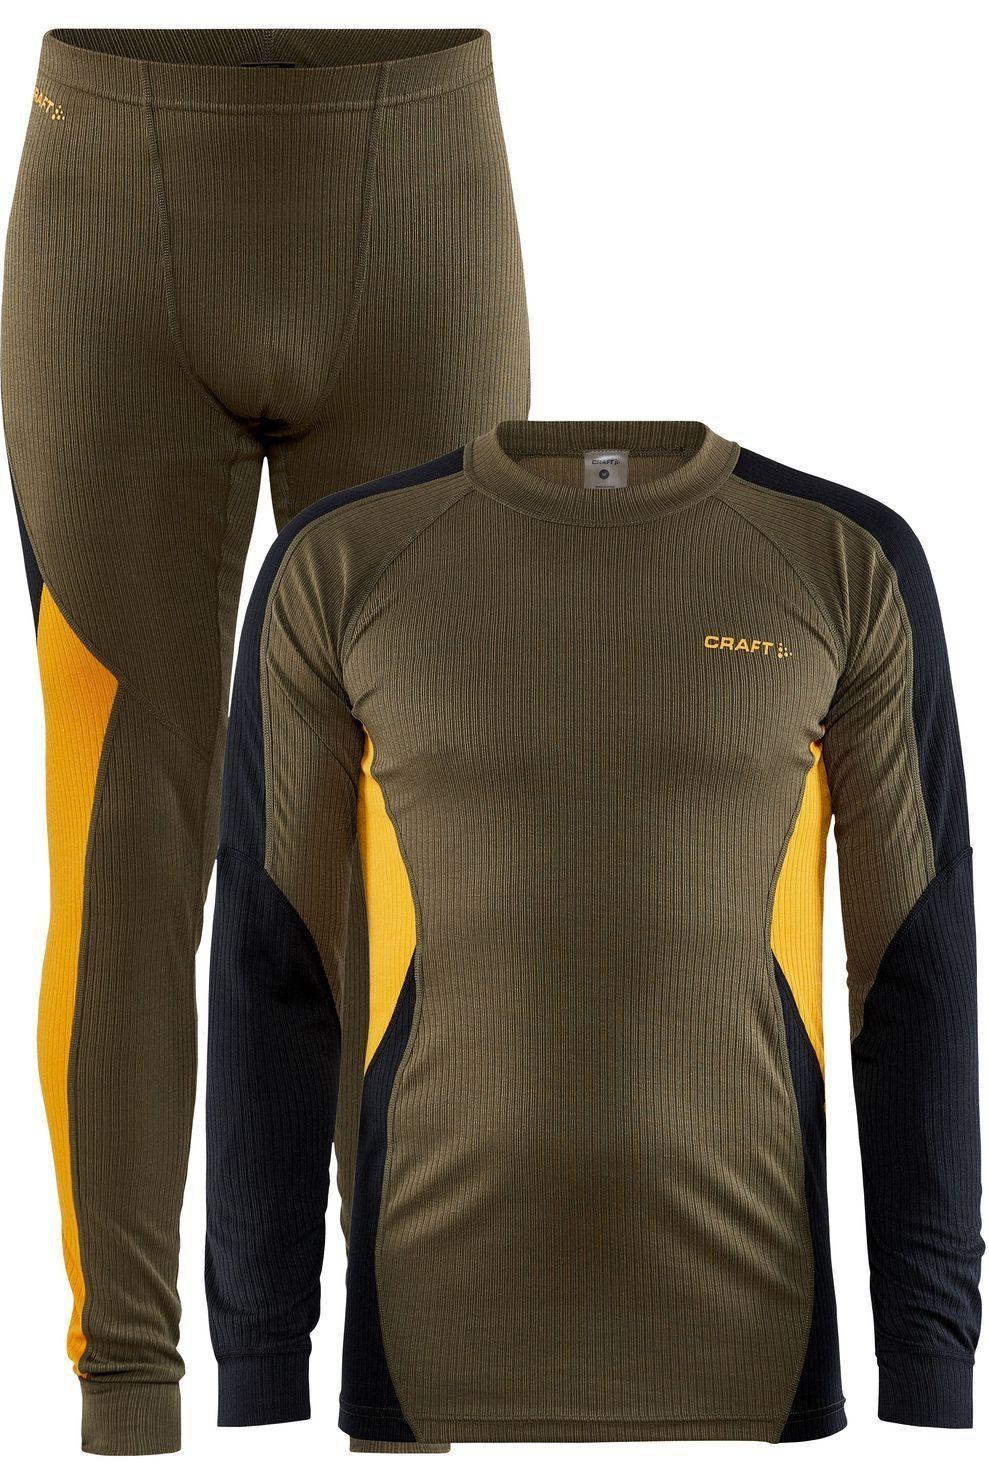 Craft Legging Core Dry Baselayer Set voor heren - MiddenGroen/Geel - Maten: S, M, L, XL, XXL - Nieuw